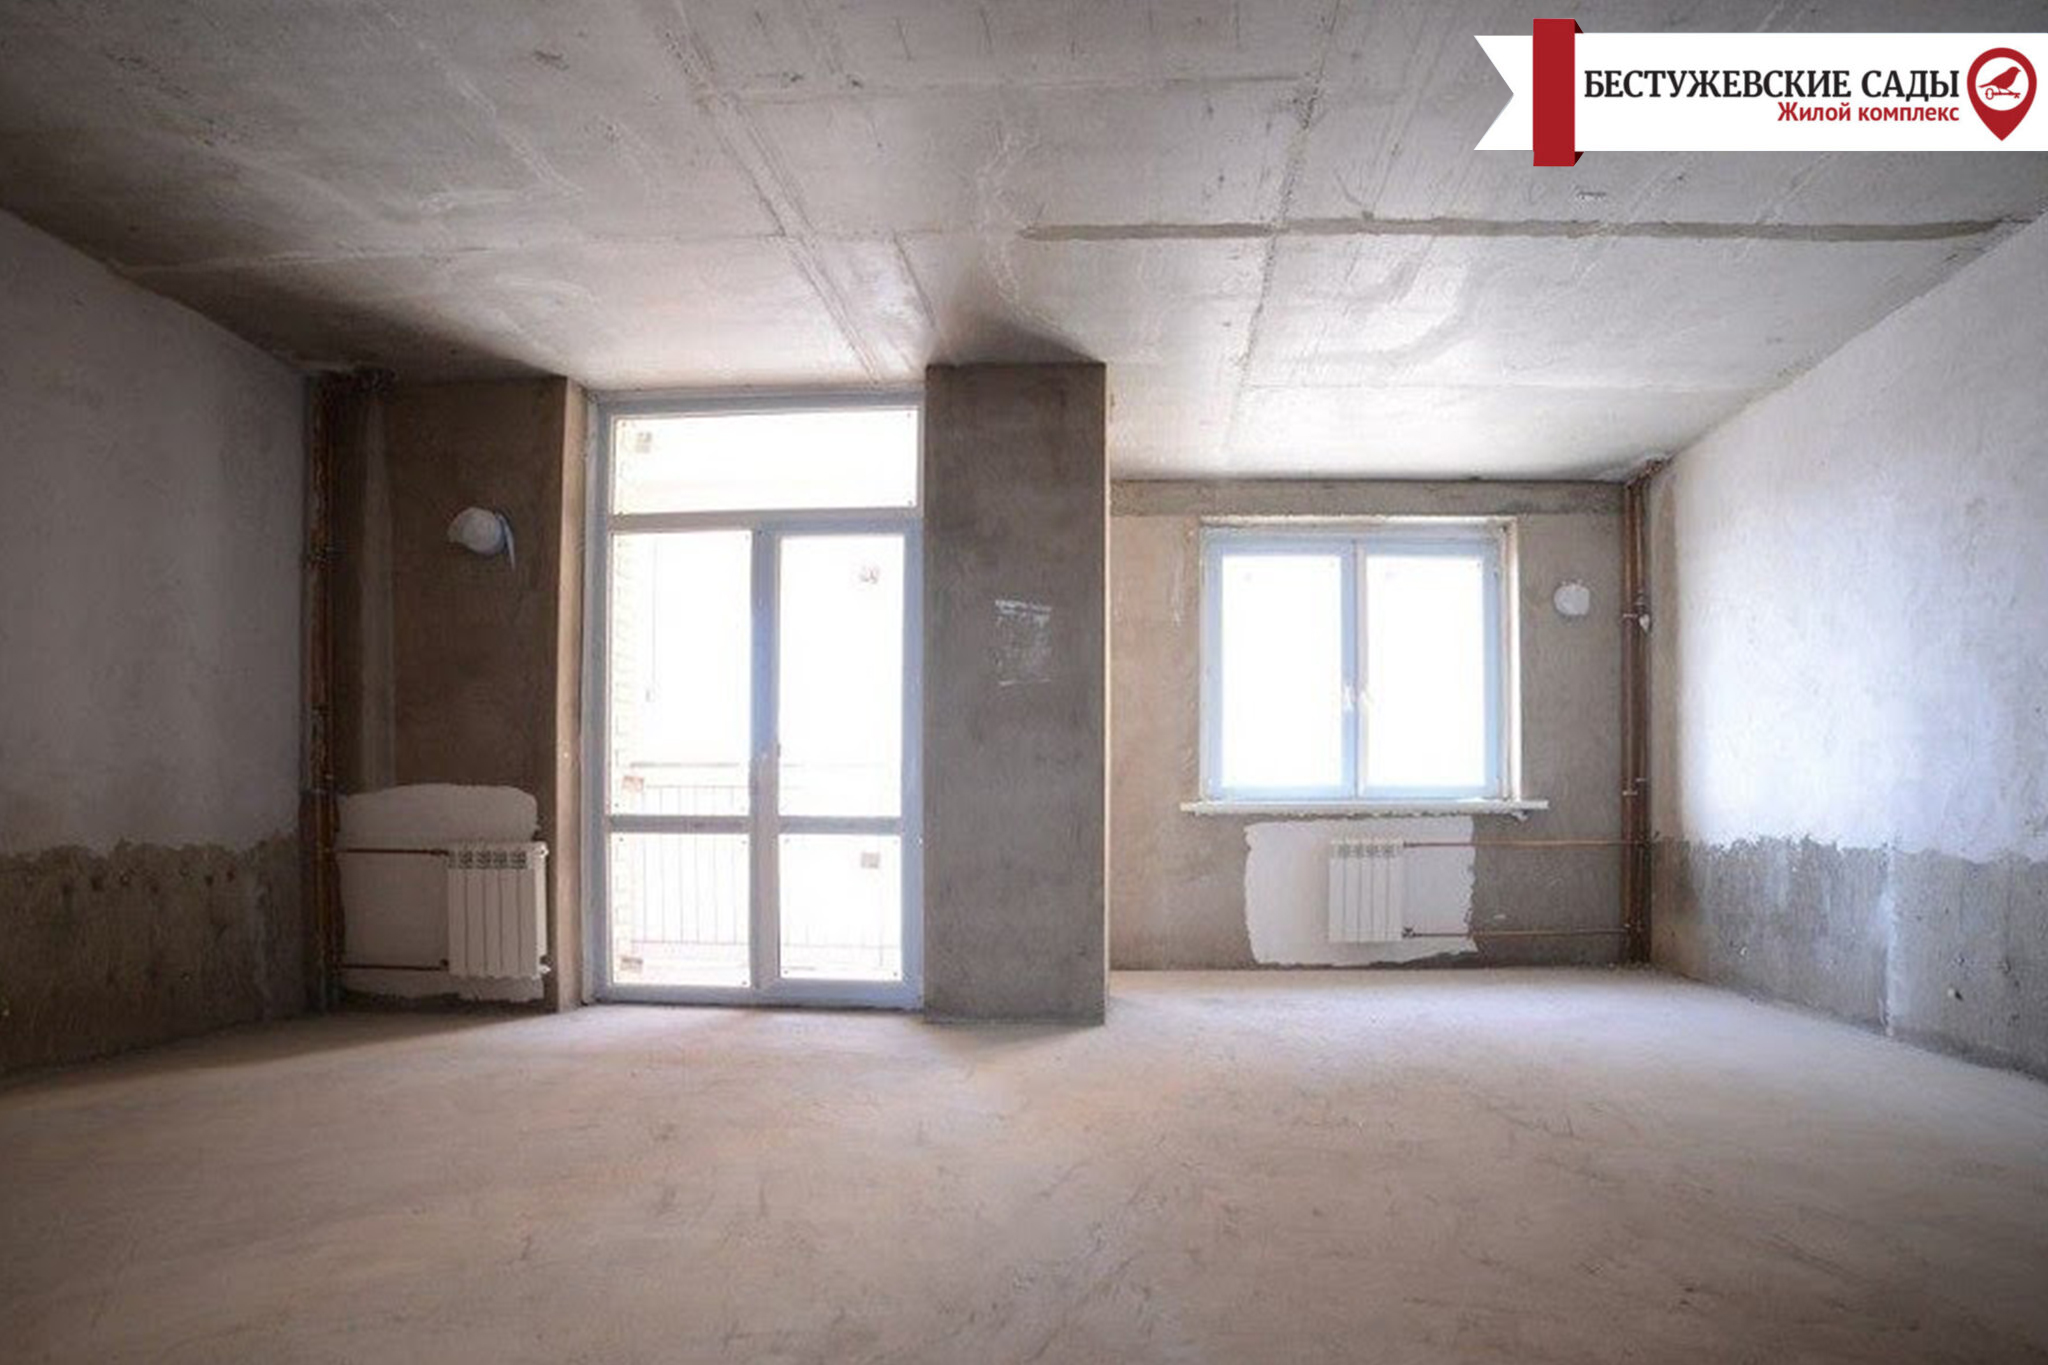 Інструкція, як правильно робити ремонт в квартирі.